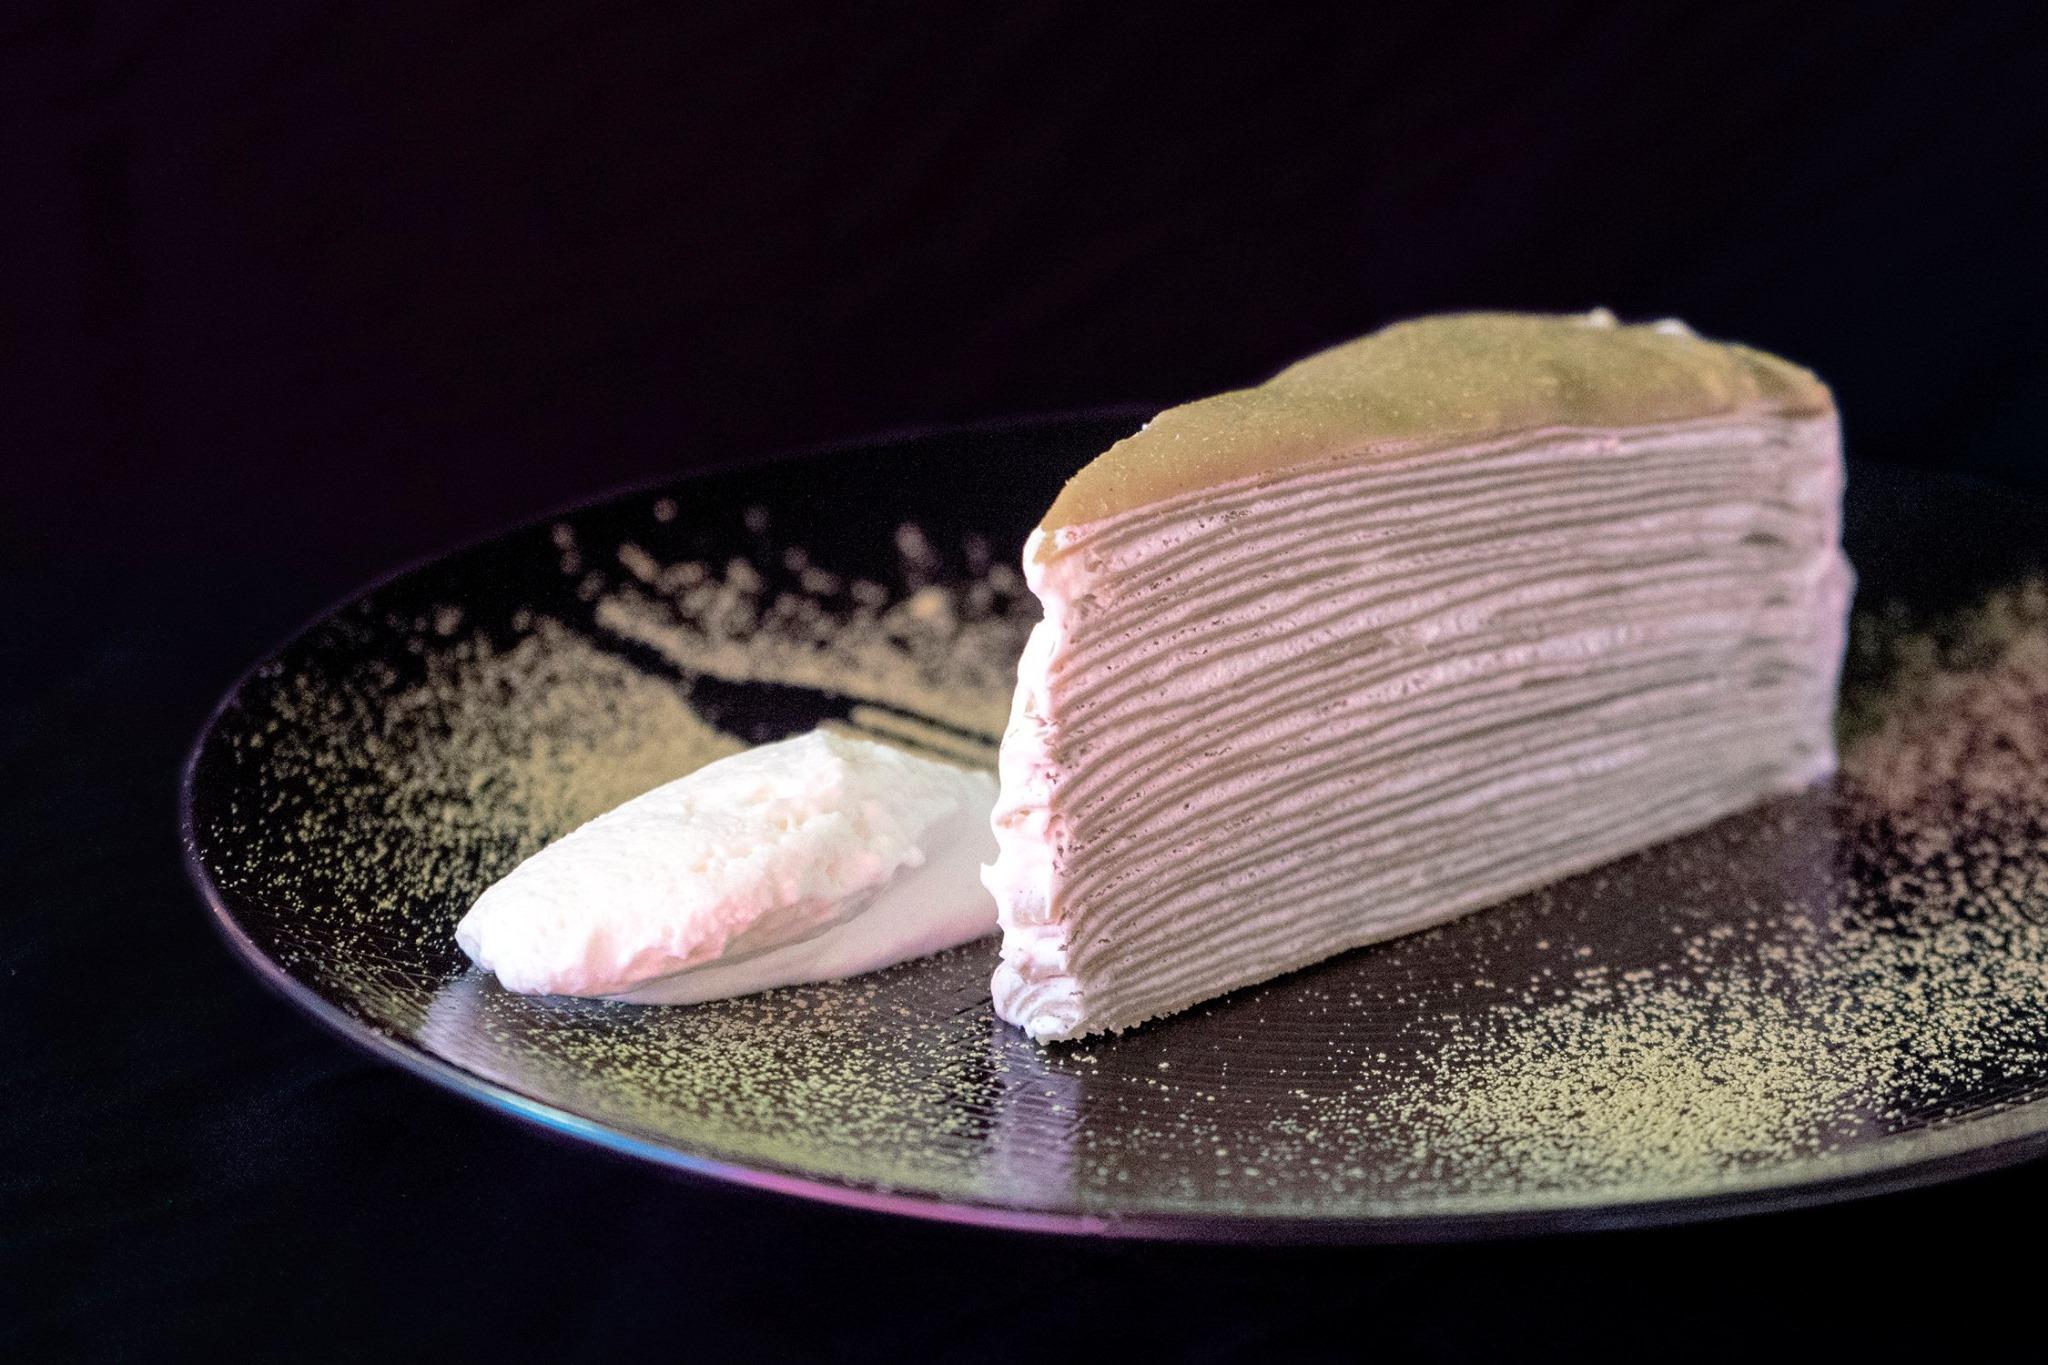 5 lugares con pasteles mil crepas muy cremosos, suaves y deliciosos en la CDMX